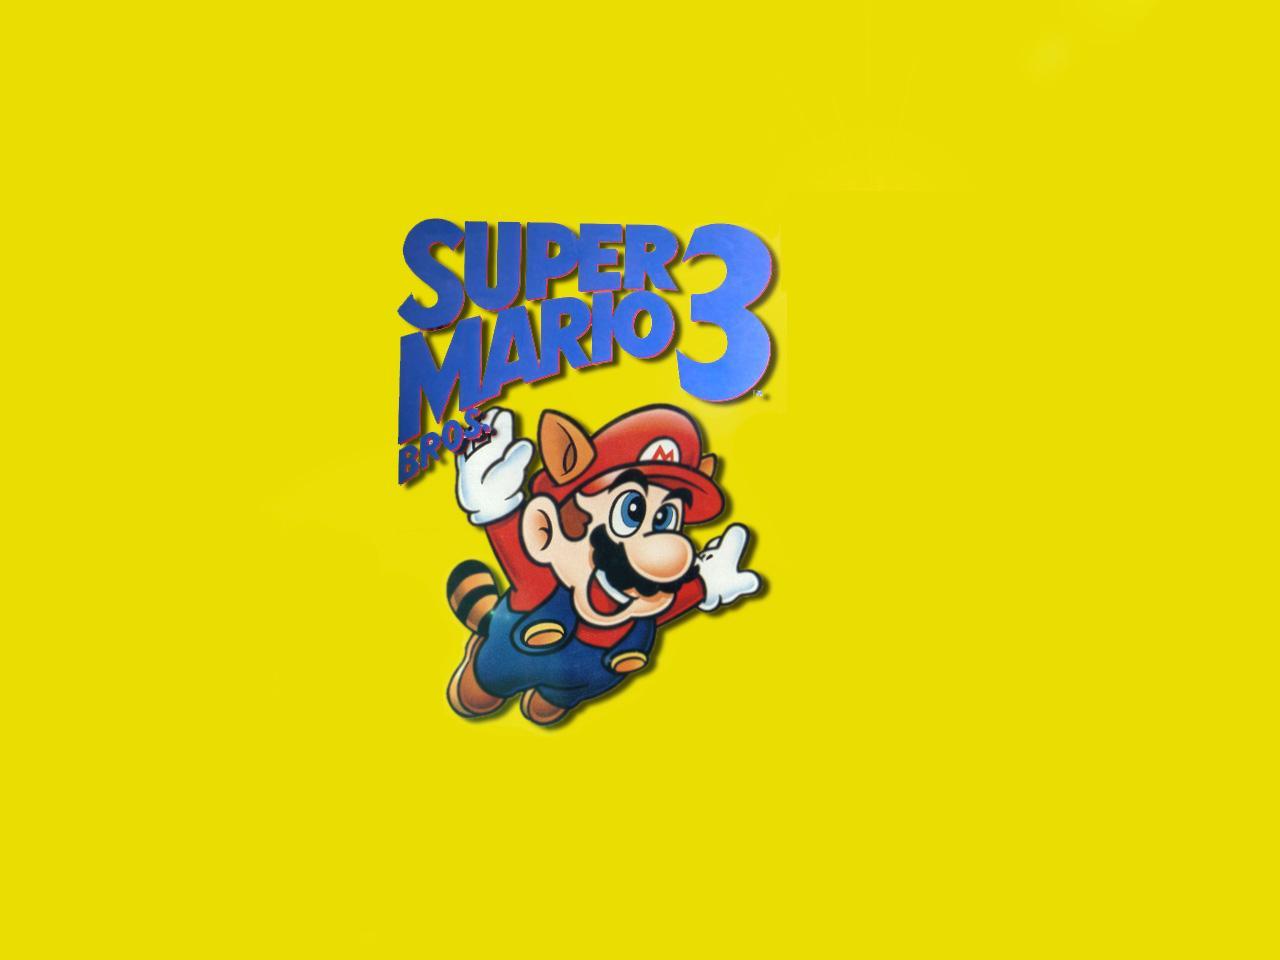 Free Download Cran Super Mario Bros 3 Tous Les Wallpapers Super